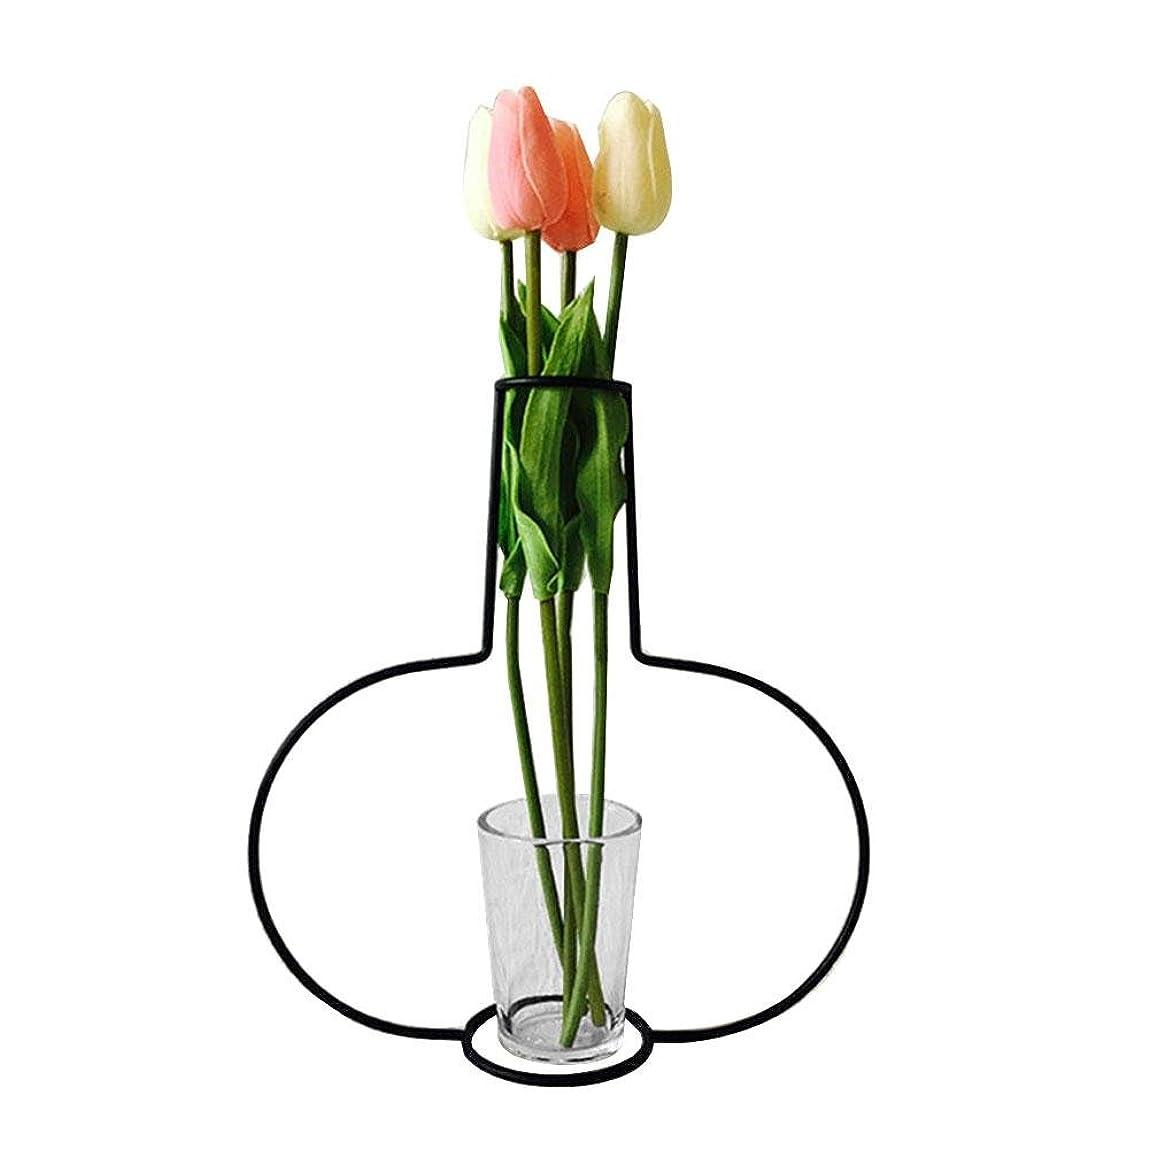 ひいきにするポーズサーバントJicorzo - グローブフェアリーミニチュアガーデン装飾アイアンアートクラフトシンプルバルコニーフラワーポットスタンドヴィンテージ家の庭の装飾アクセサリー[G10]